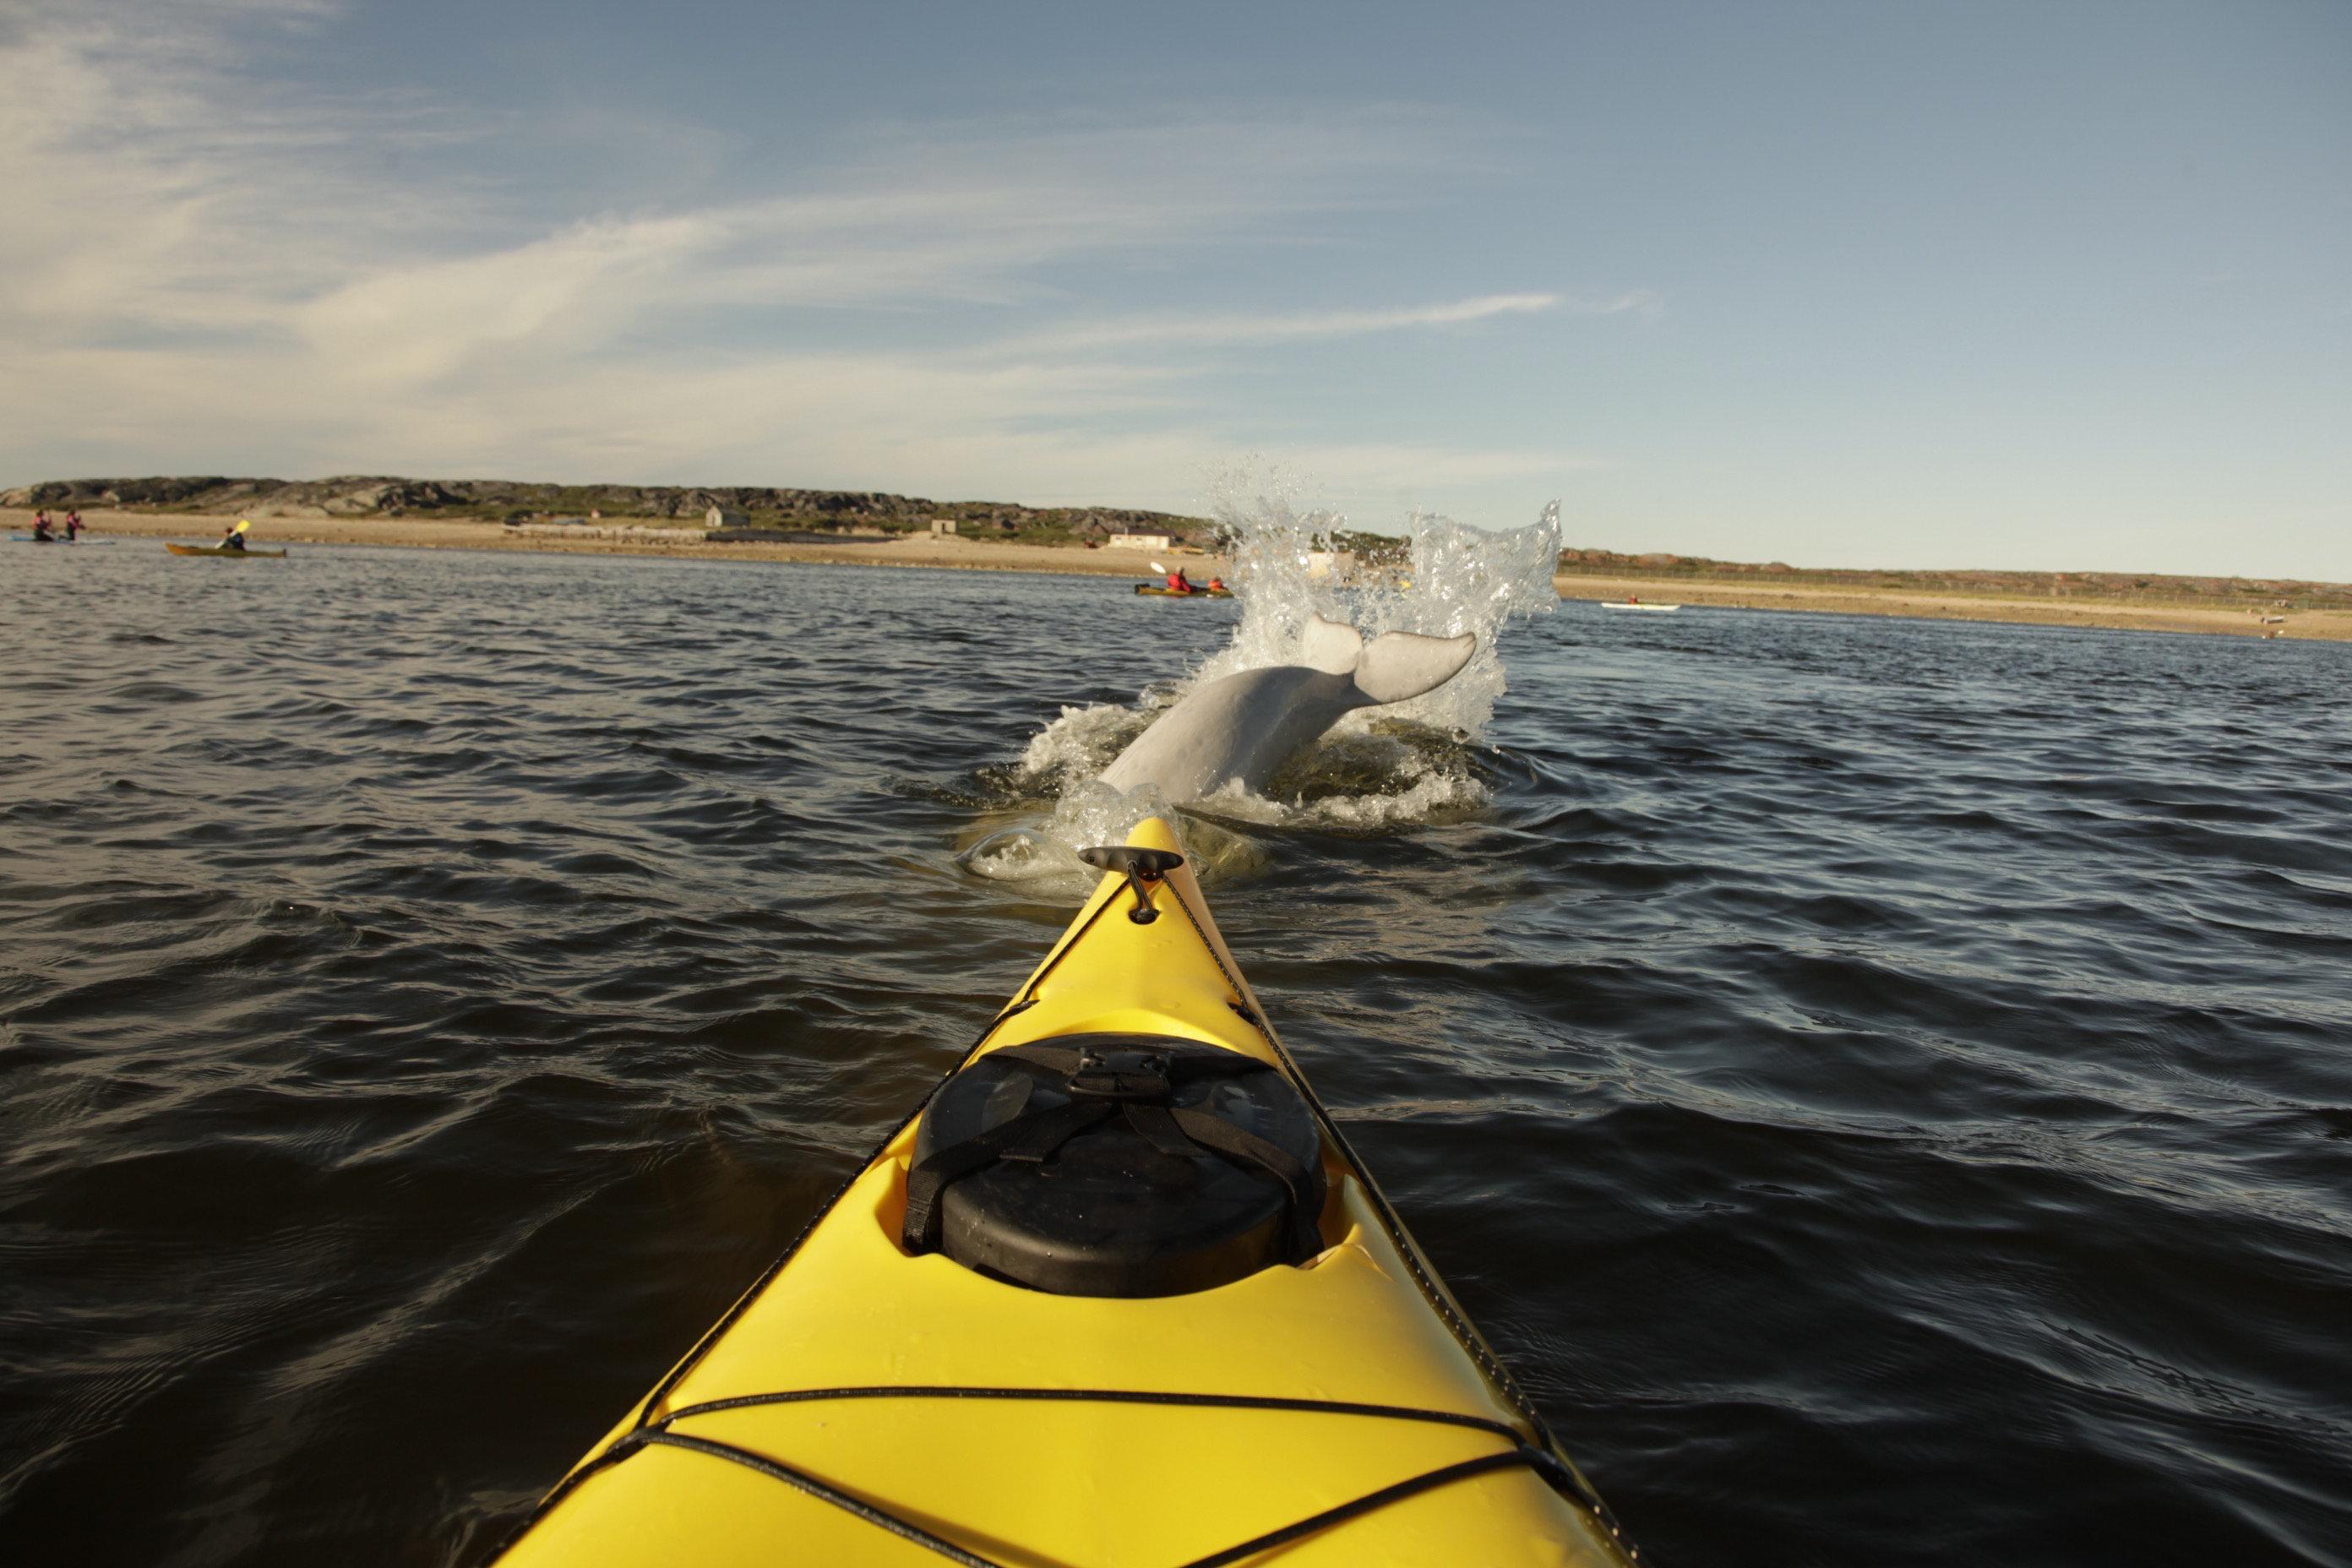 Beluga dive